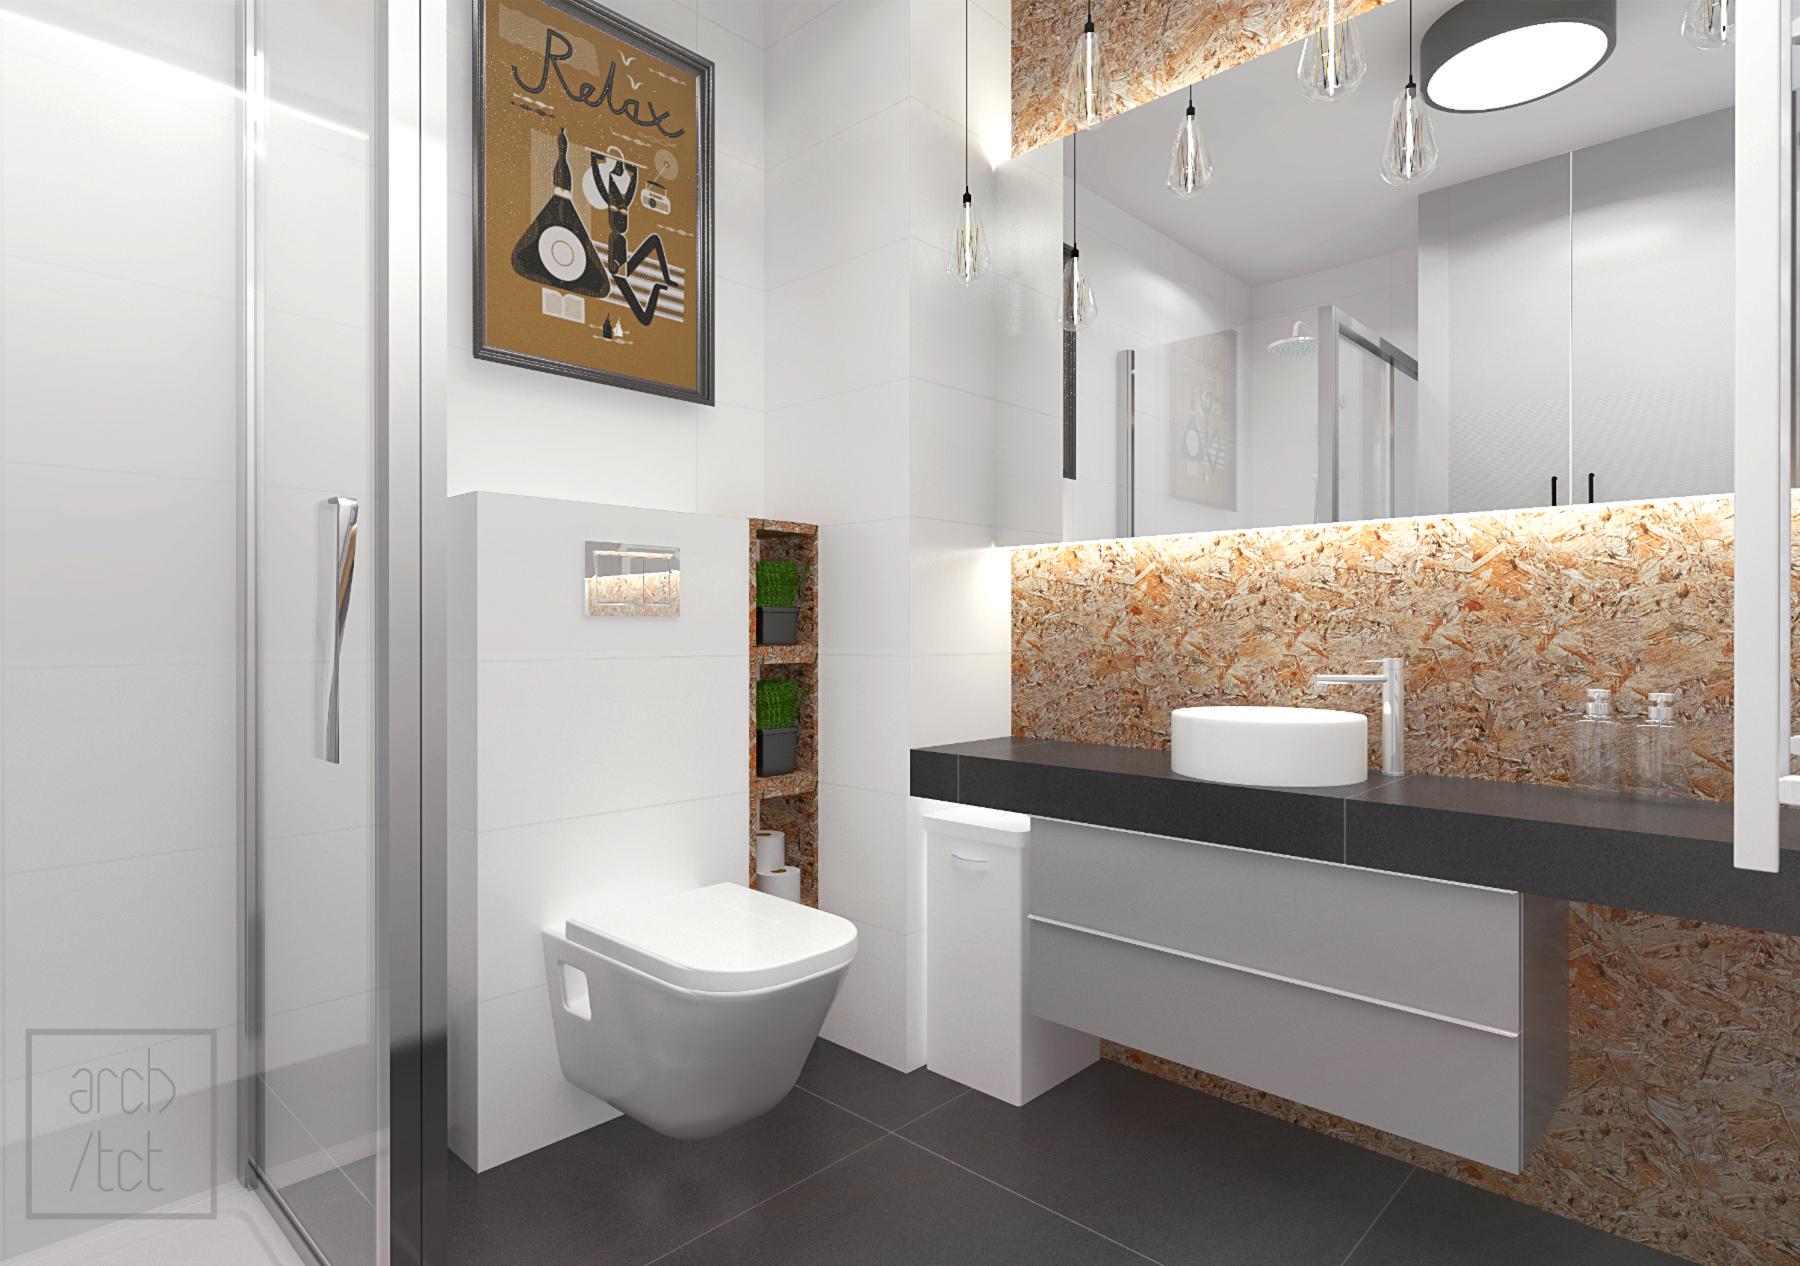 łazienka2jpg